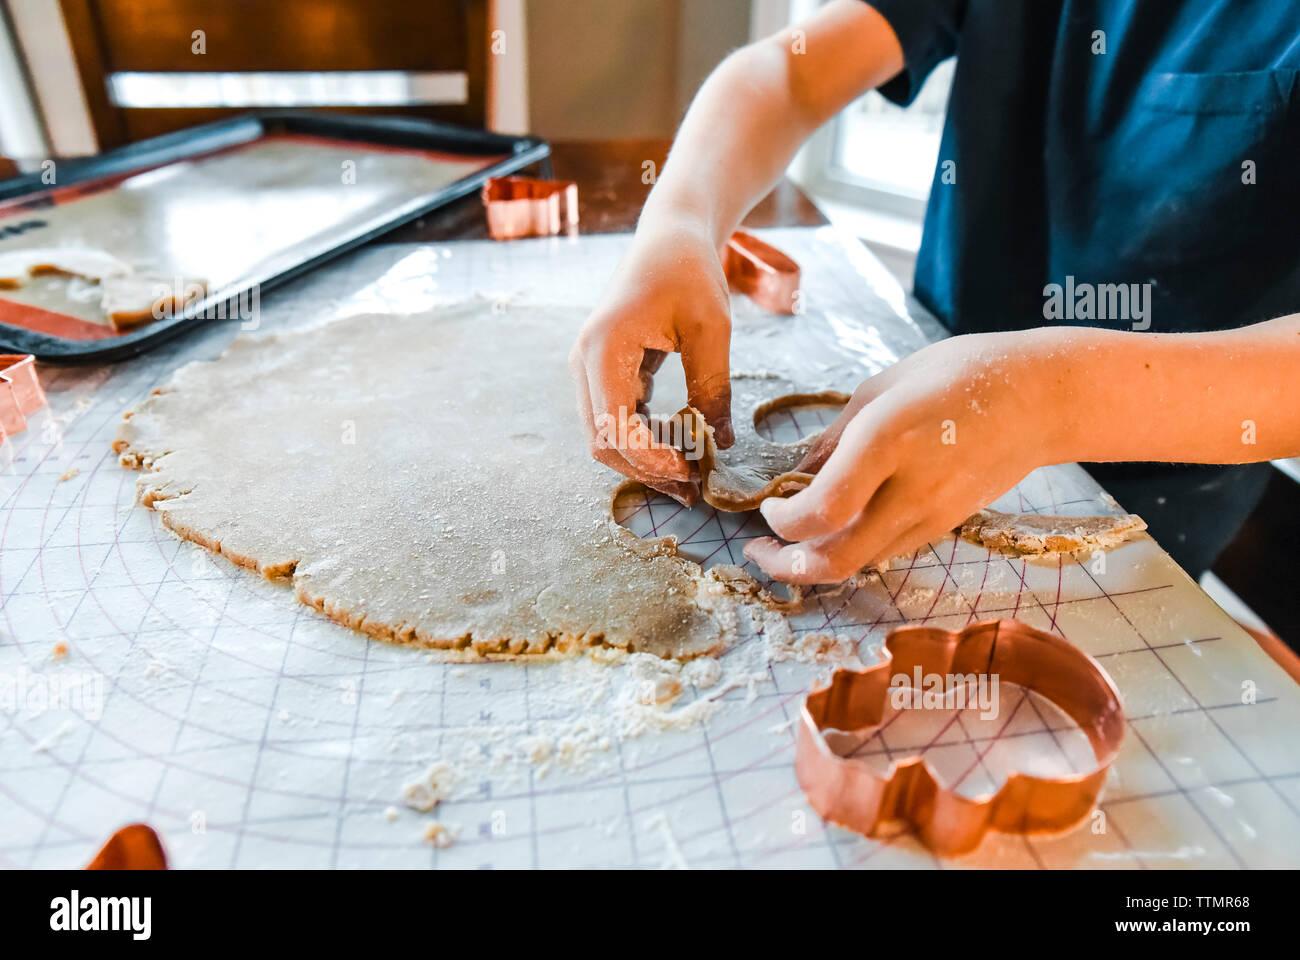 Cerca de las manos del niño hacer galletas con cortadores para galletas. Foto de stock